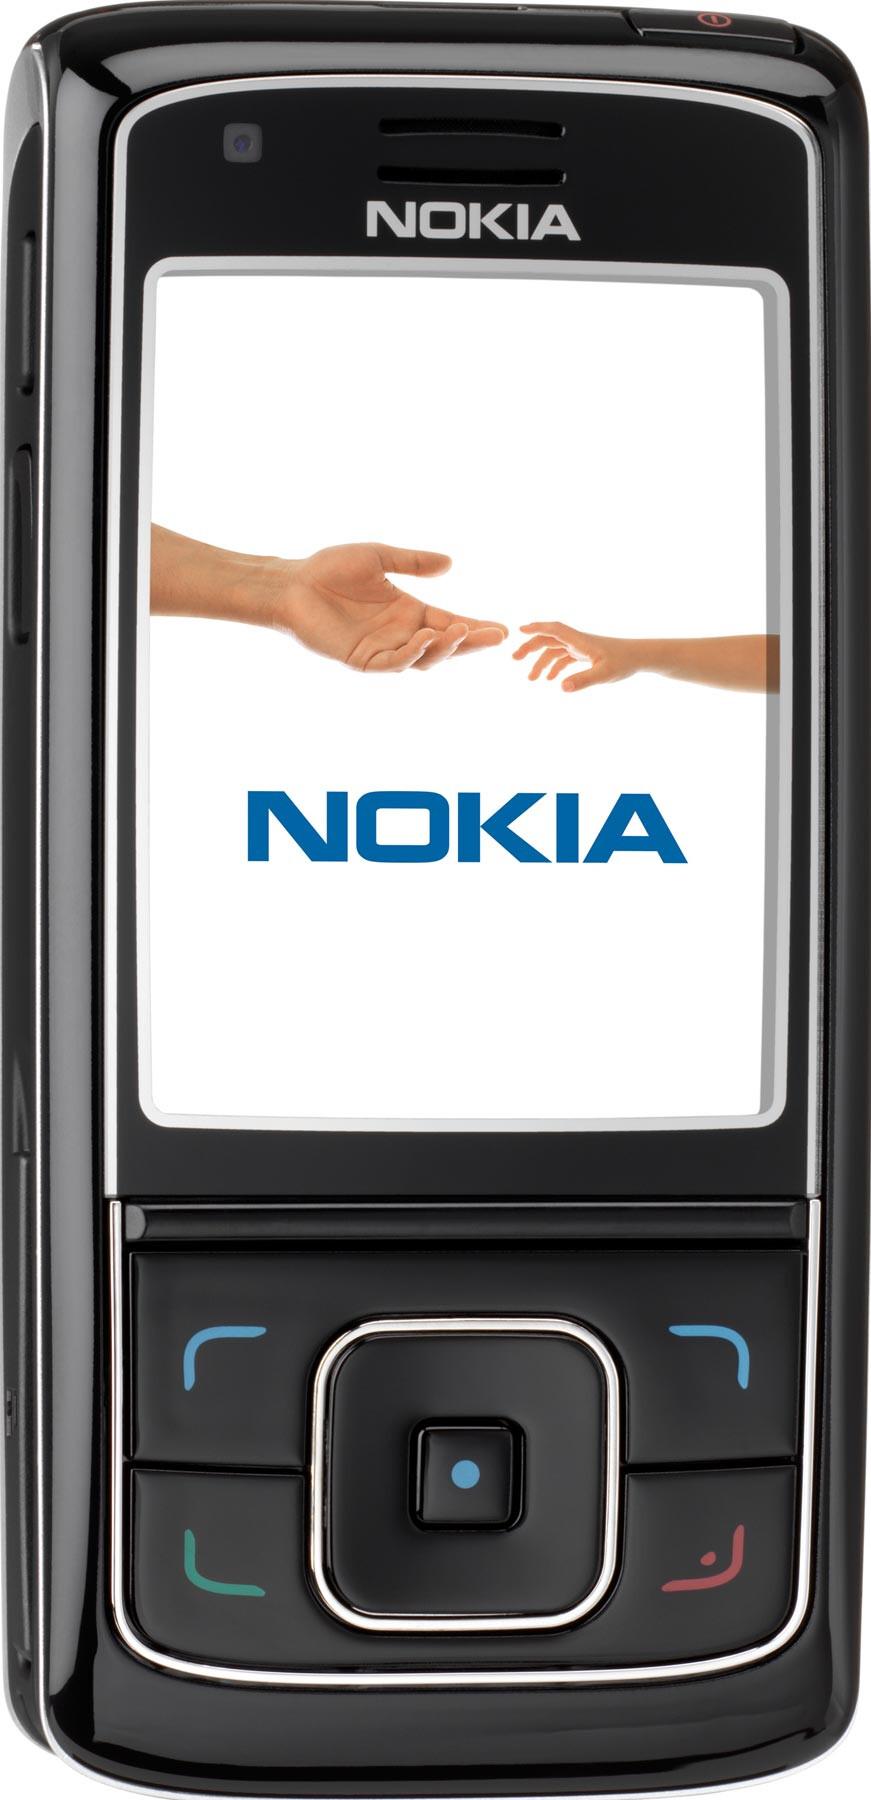 Nokia E60 vs Samsung Blade S5600v vs Nokia 6288 - Visual